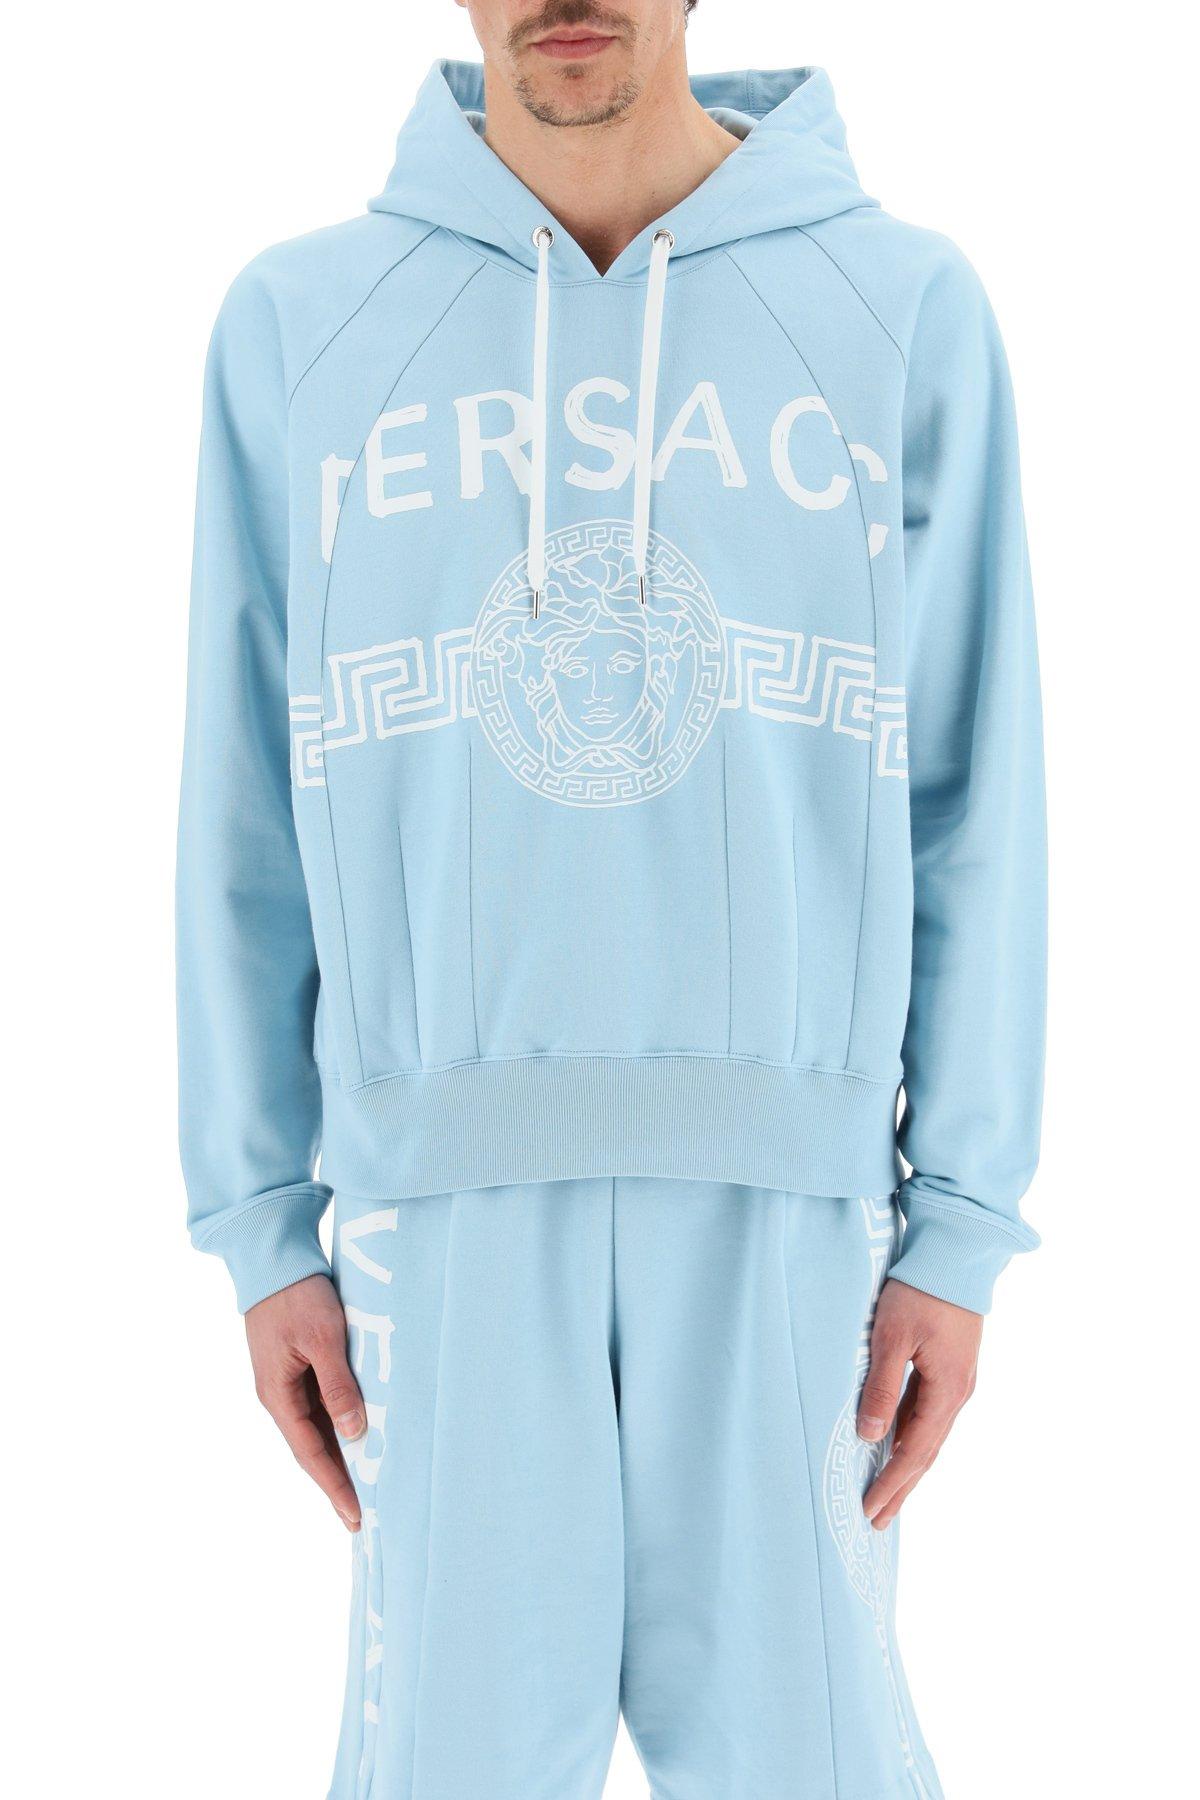 Versace felpa con cappuccio logo medusa